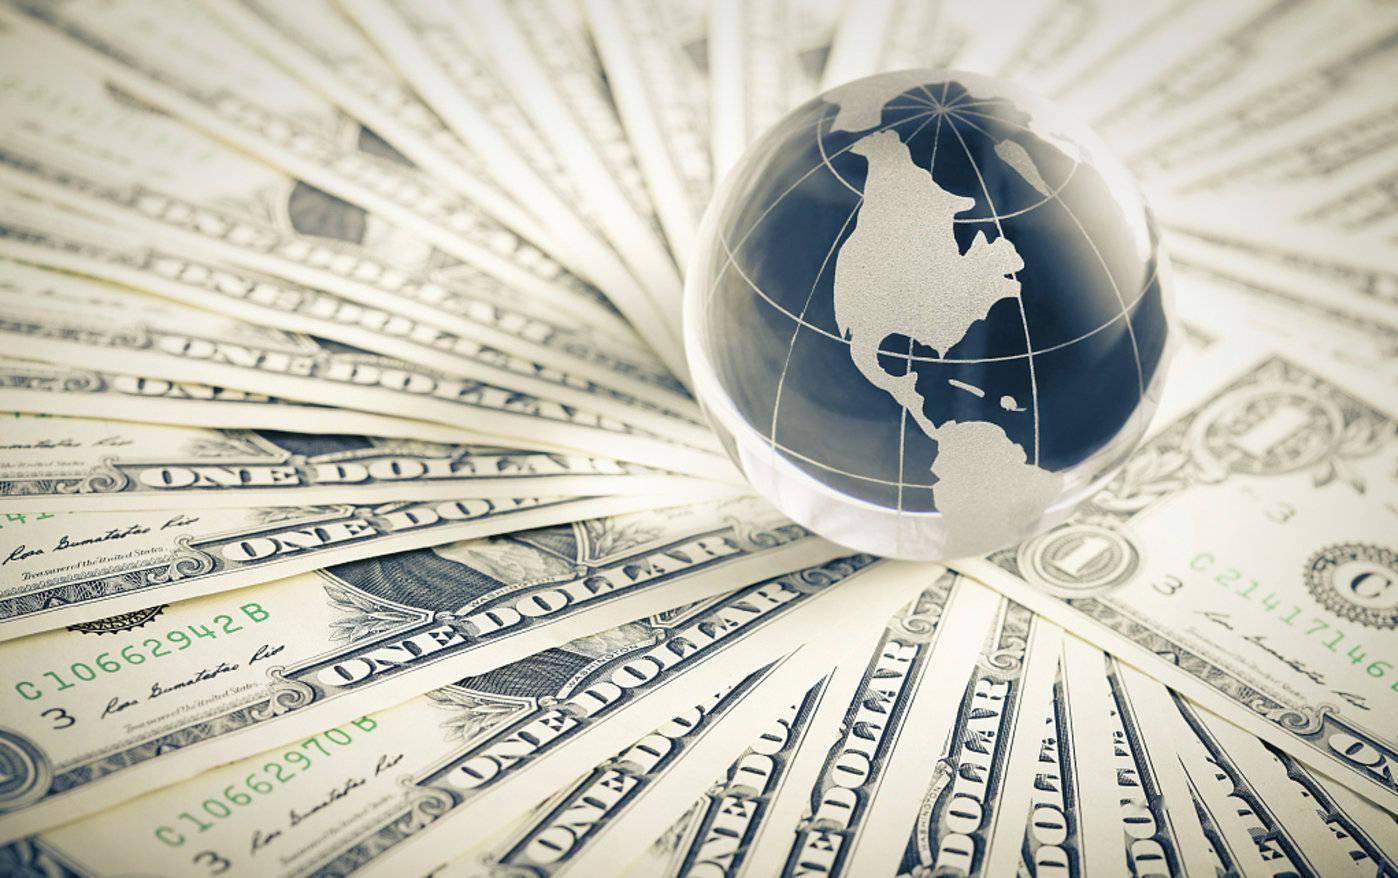 【产业互联网周报】京东数科冲击科创板,估值近2000亿元;集成电路研发商昆腾微拟科创板IPO;中芯国际科创板IPO募资或达450亿